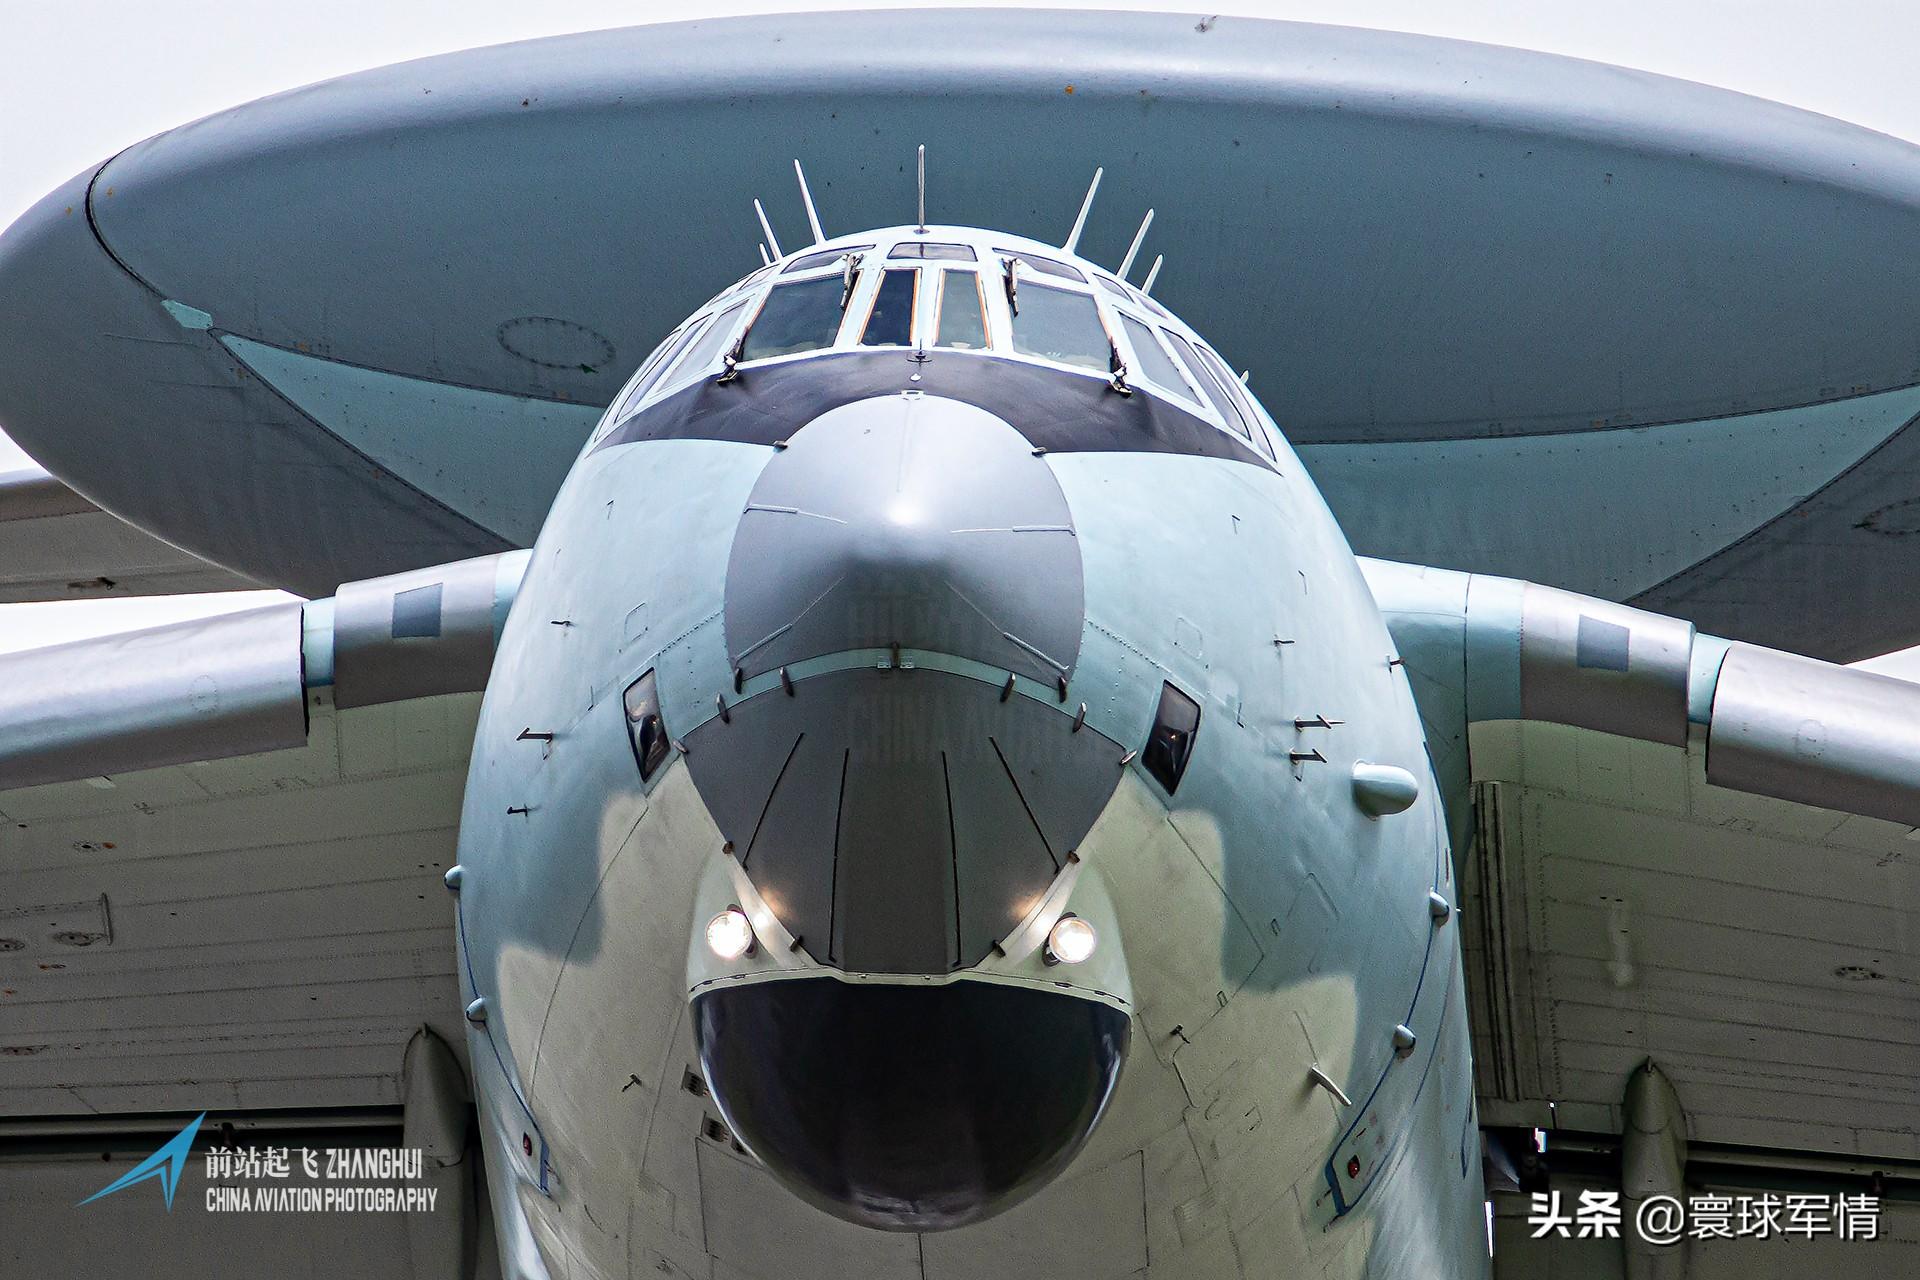 解放军东海防空识别区秀出肌肉,连续无线电喊话驱离美国军机,专家:不可低估